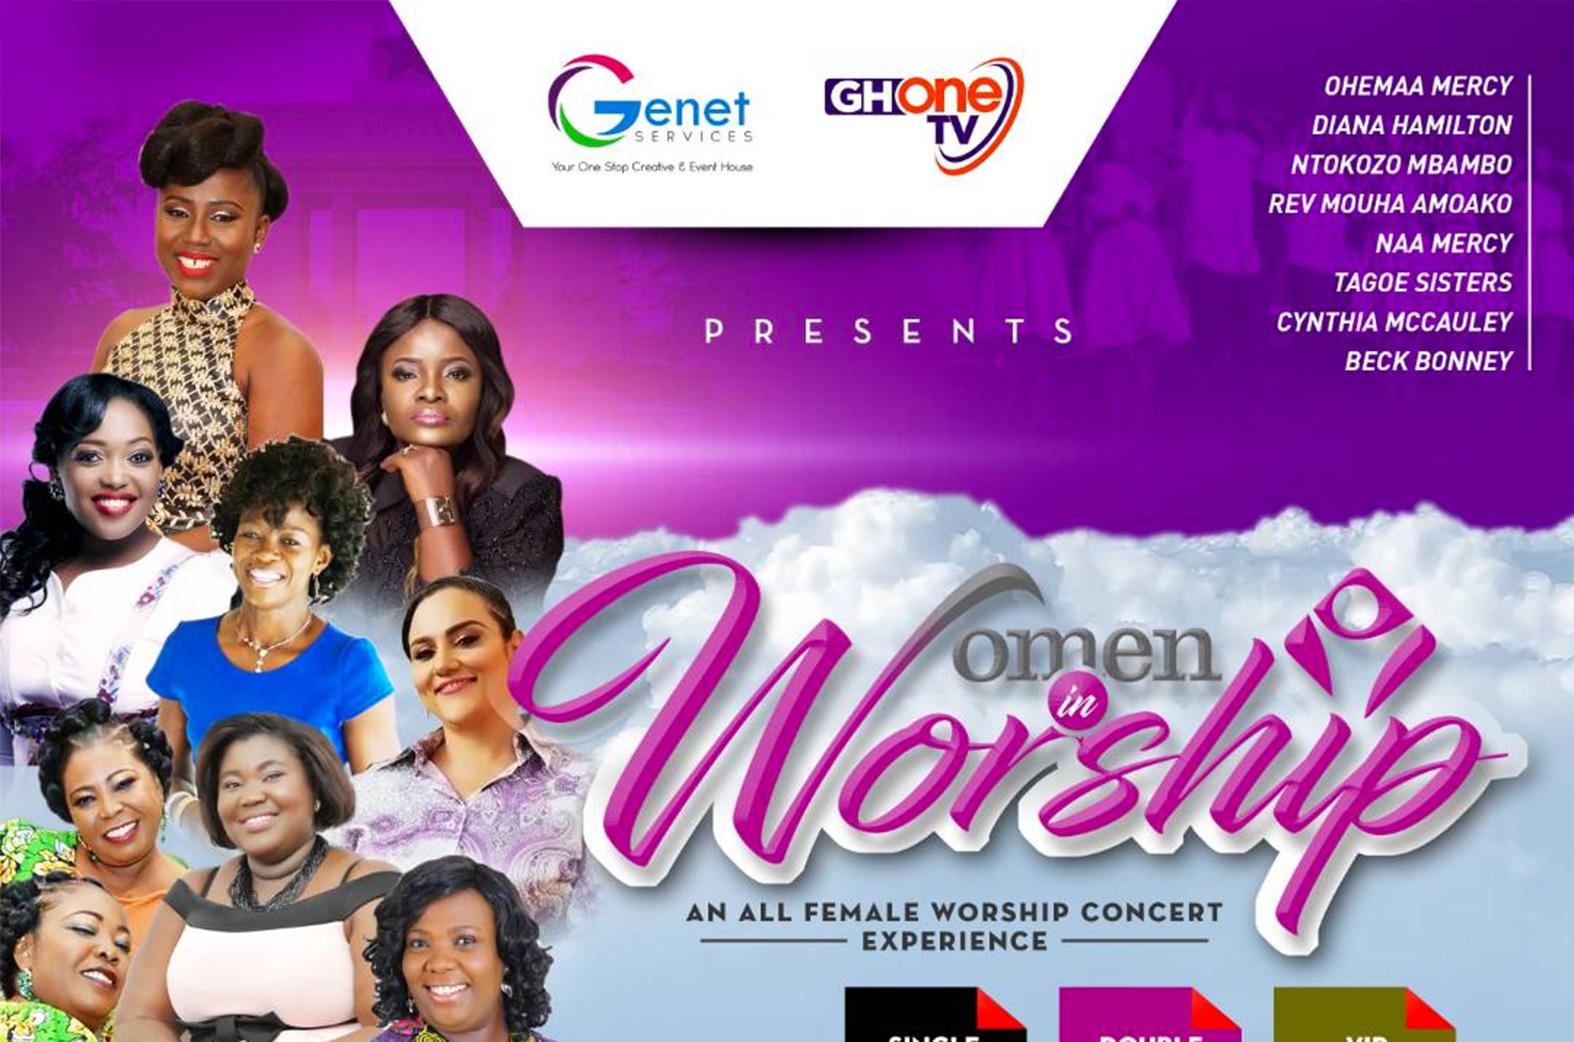 Women In Worship concert